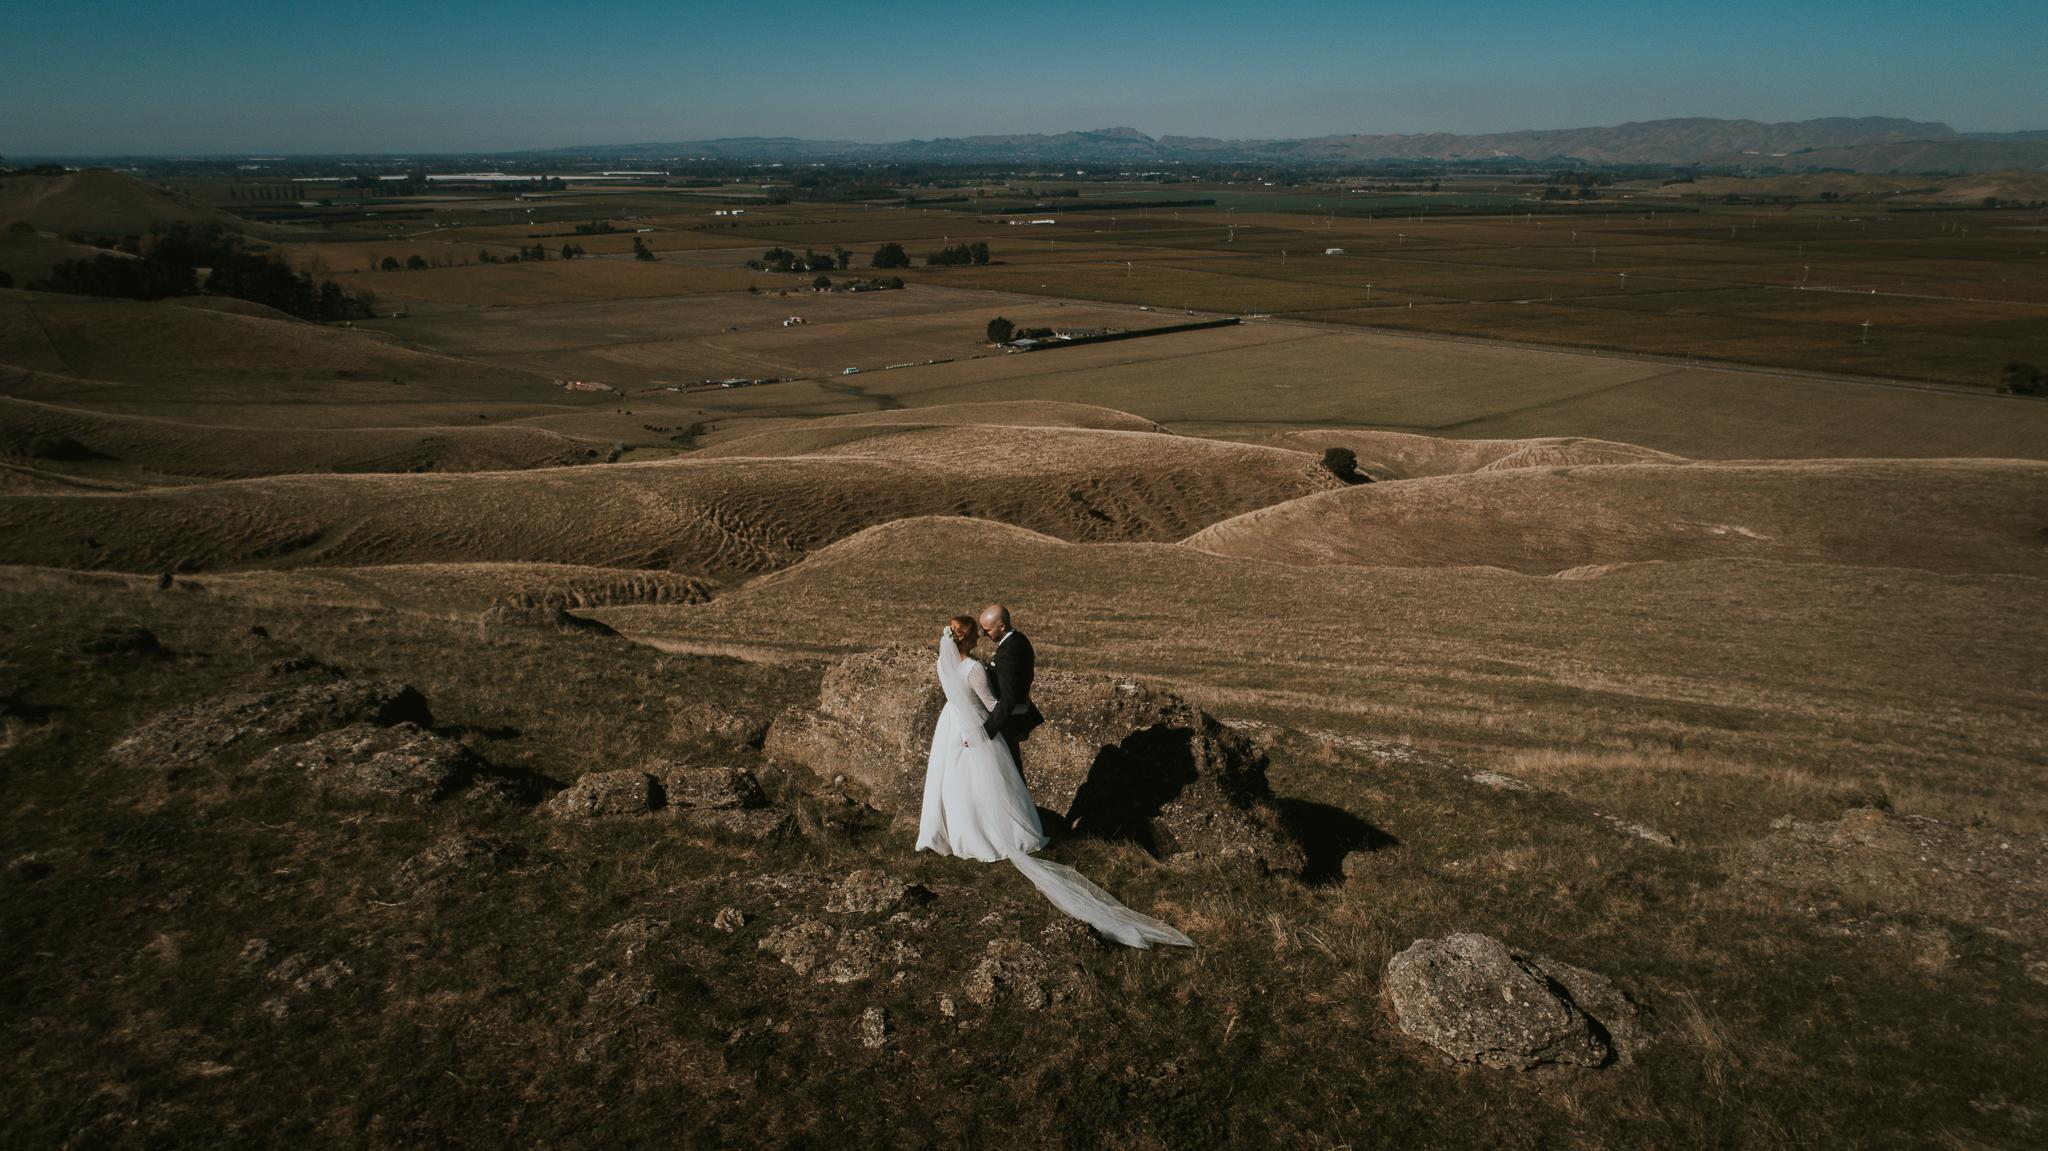 wedding photographer hawkes bay , Lisa Fisher Photography, Selini Winery Wedding -115.jpg